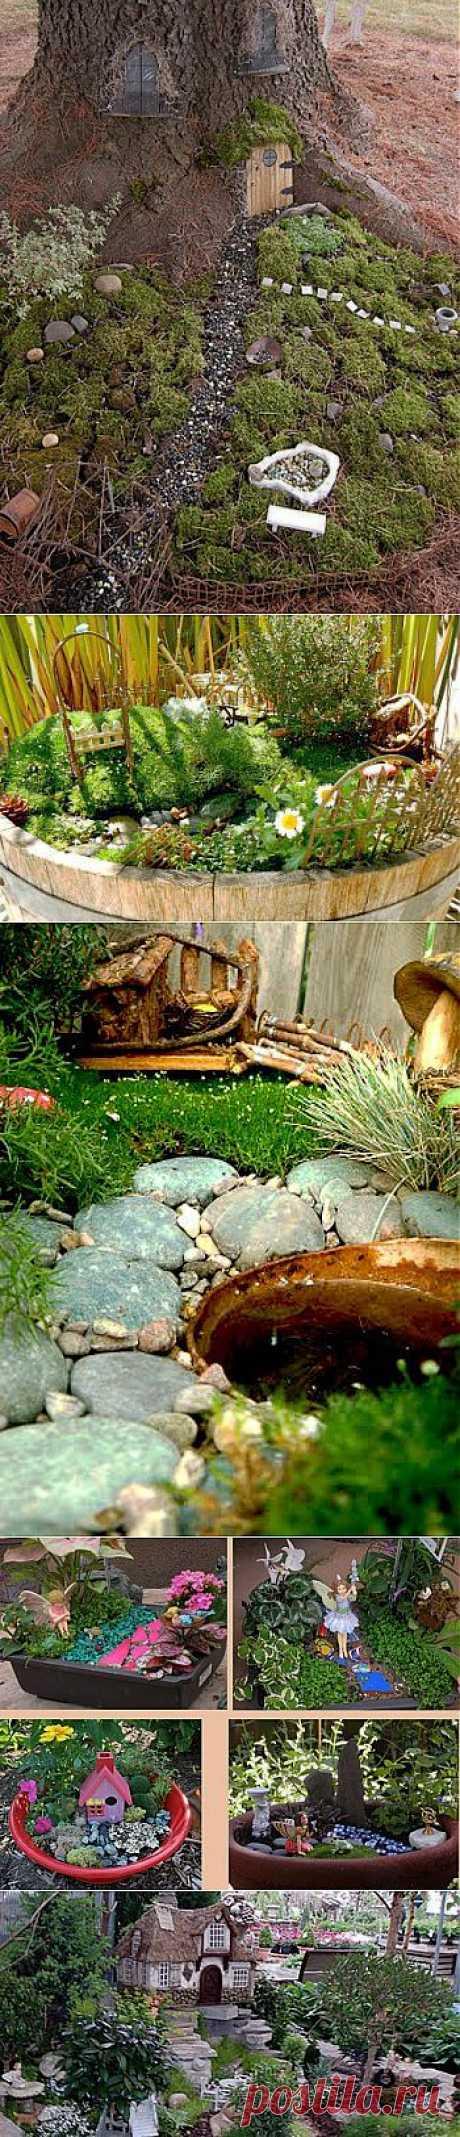 Волшебный сад.Для начала нужно выбрать место и контейнер для будущего садика. В качестве контейнера можно смело использовать разбитый цветочный горшок, старый таз, деревянный ящик. Мы можем дать «вторую» жизнь старым вещам, разукрасив их акриловыми красками или мозаикой. Расположить садик можно как на игровой площадке или на террасе, но при желании можно создать его в укромном уголке. Далее закладываются щебень или галька, а затем заполняем почвой и торфом.